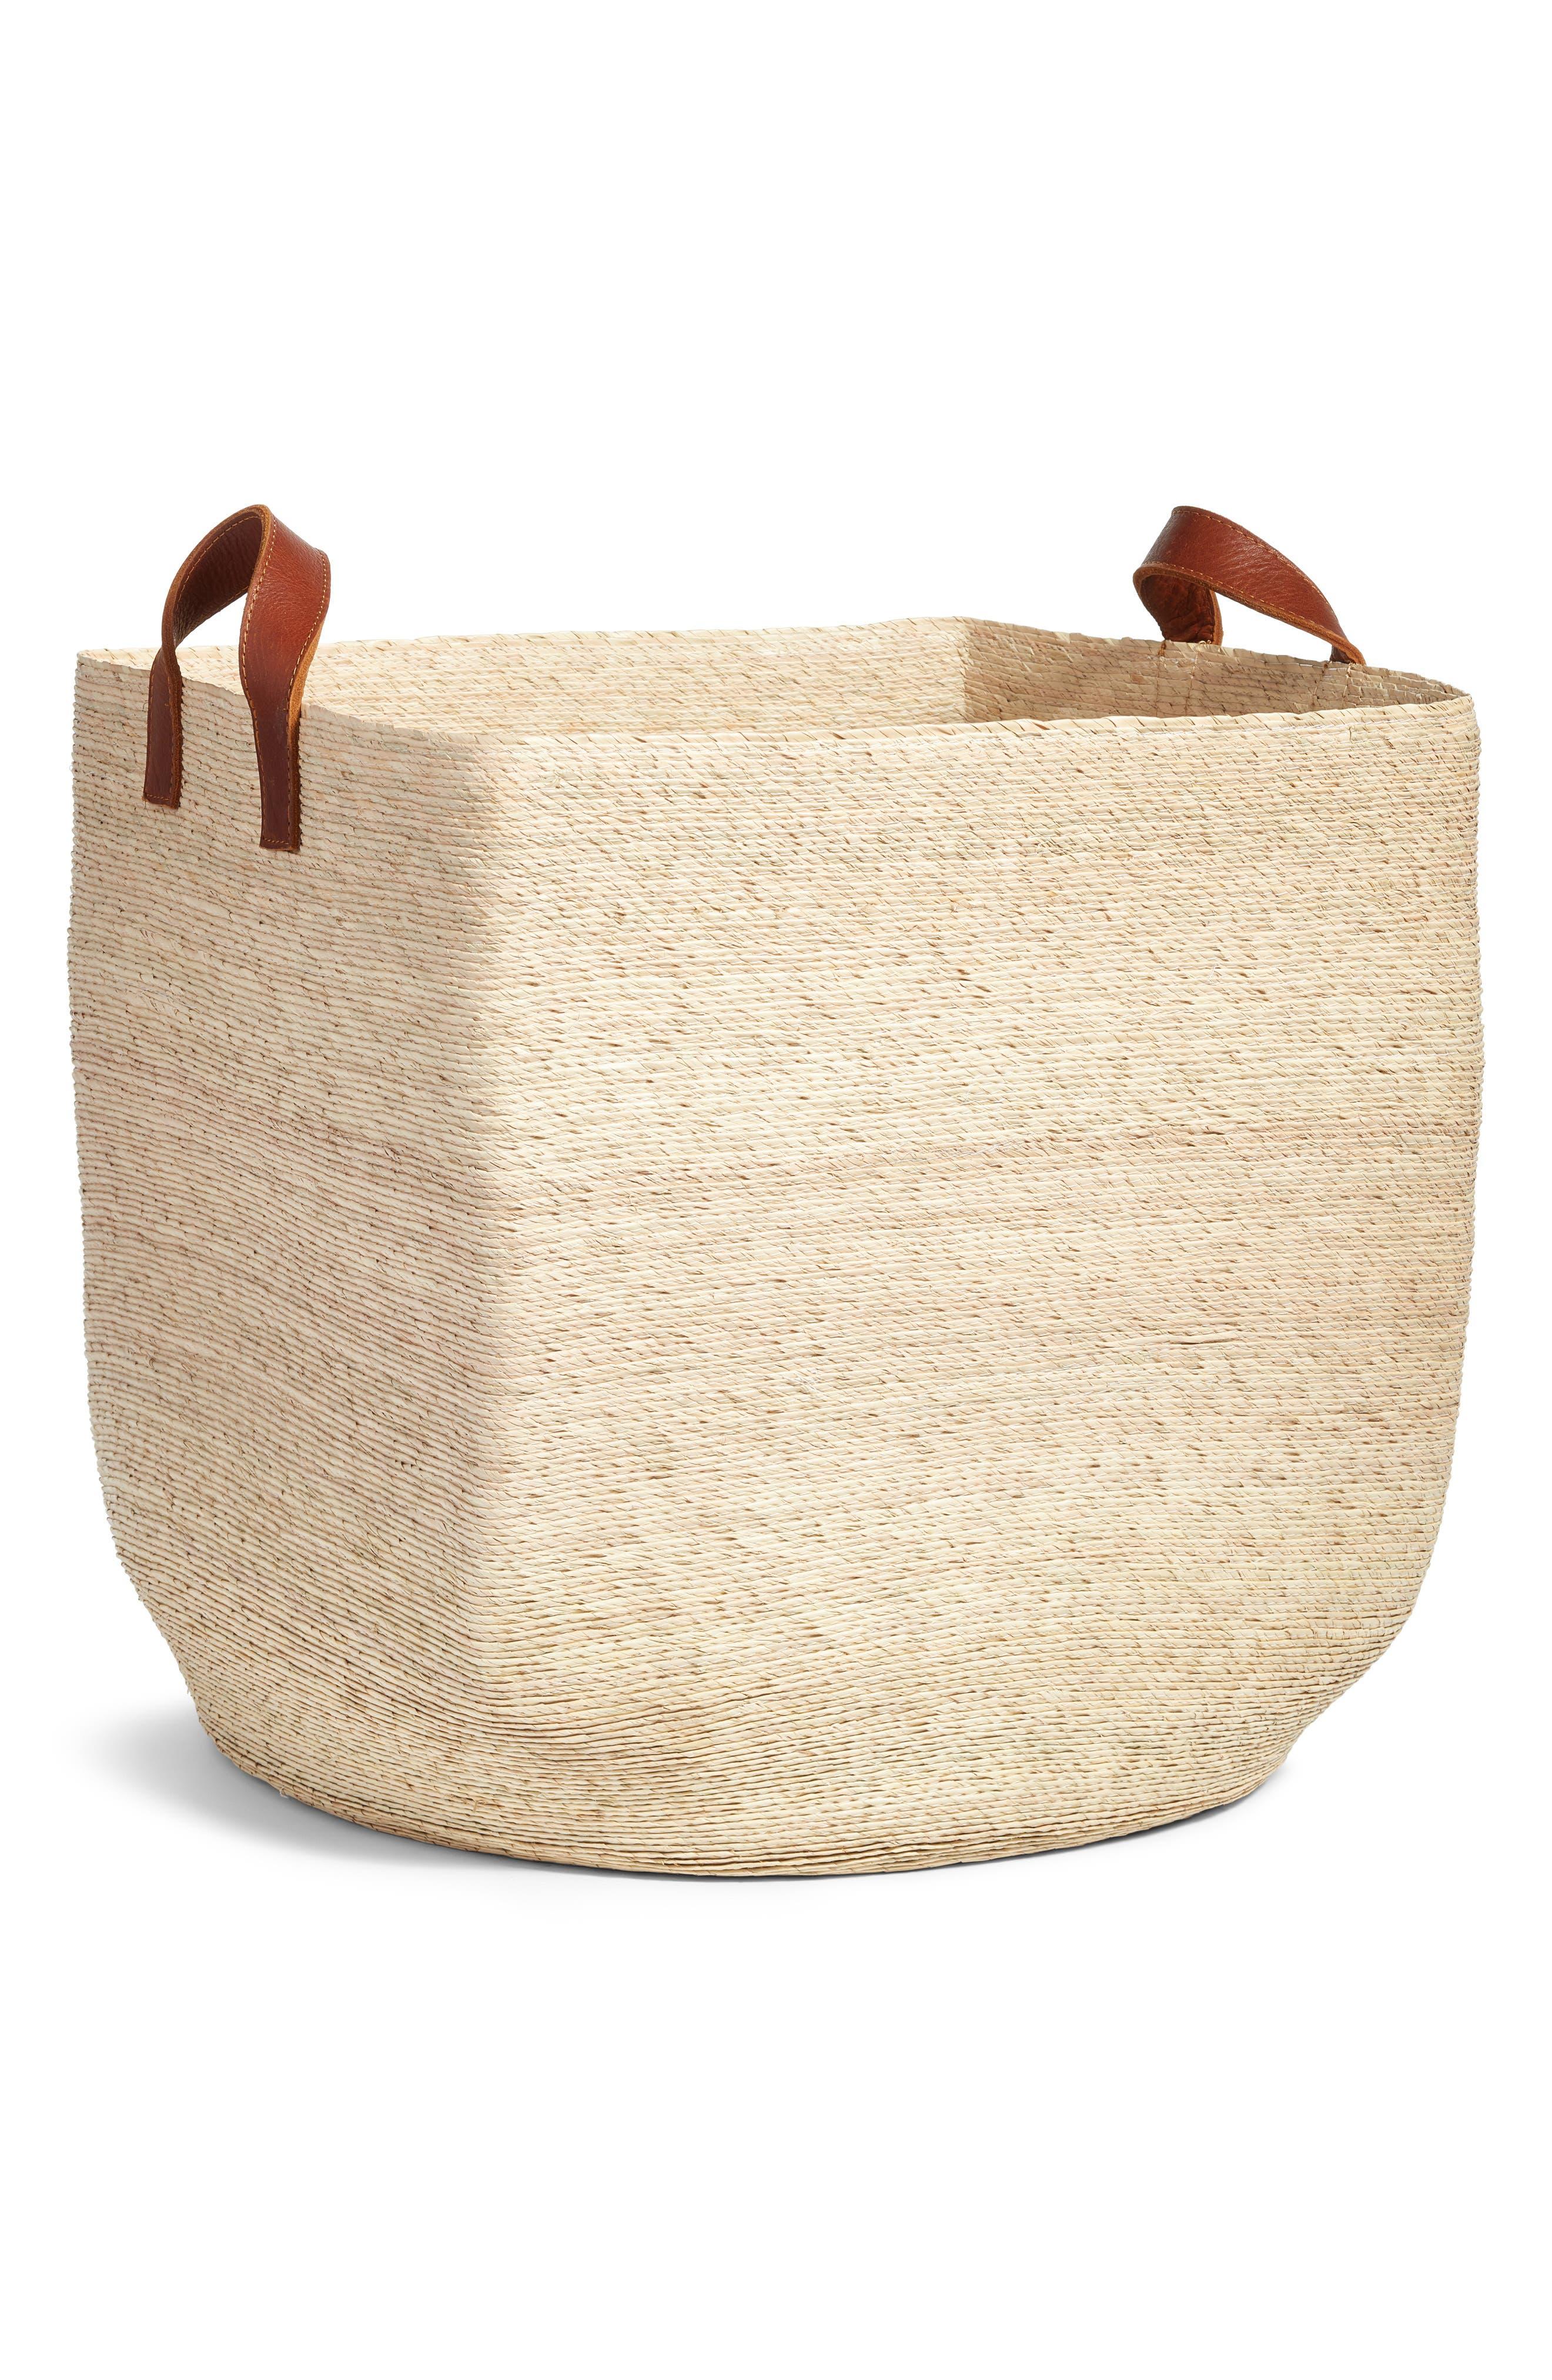 Large Mercado Storage Basket,                             Main thumbnail 1, color,                             NATURAL